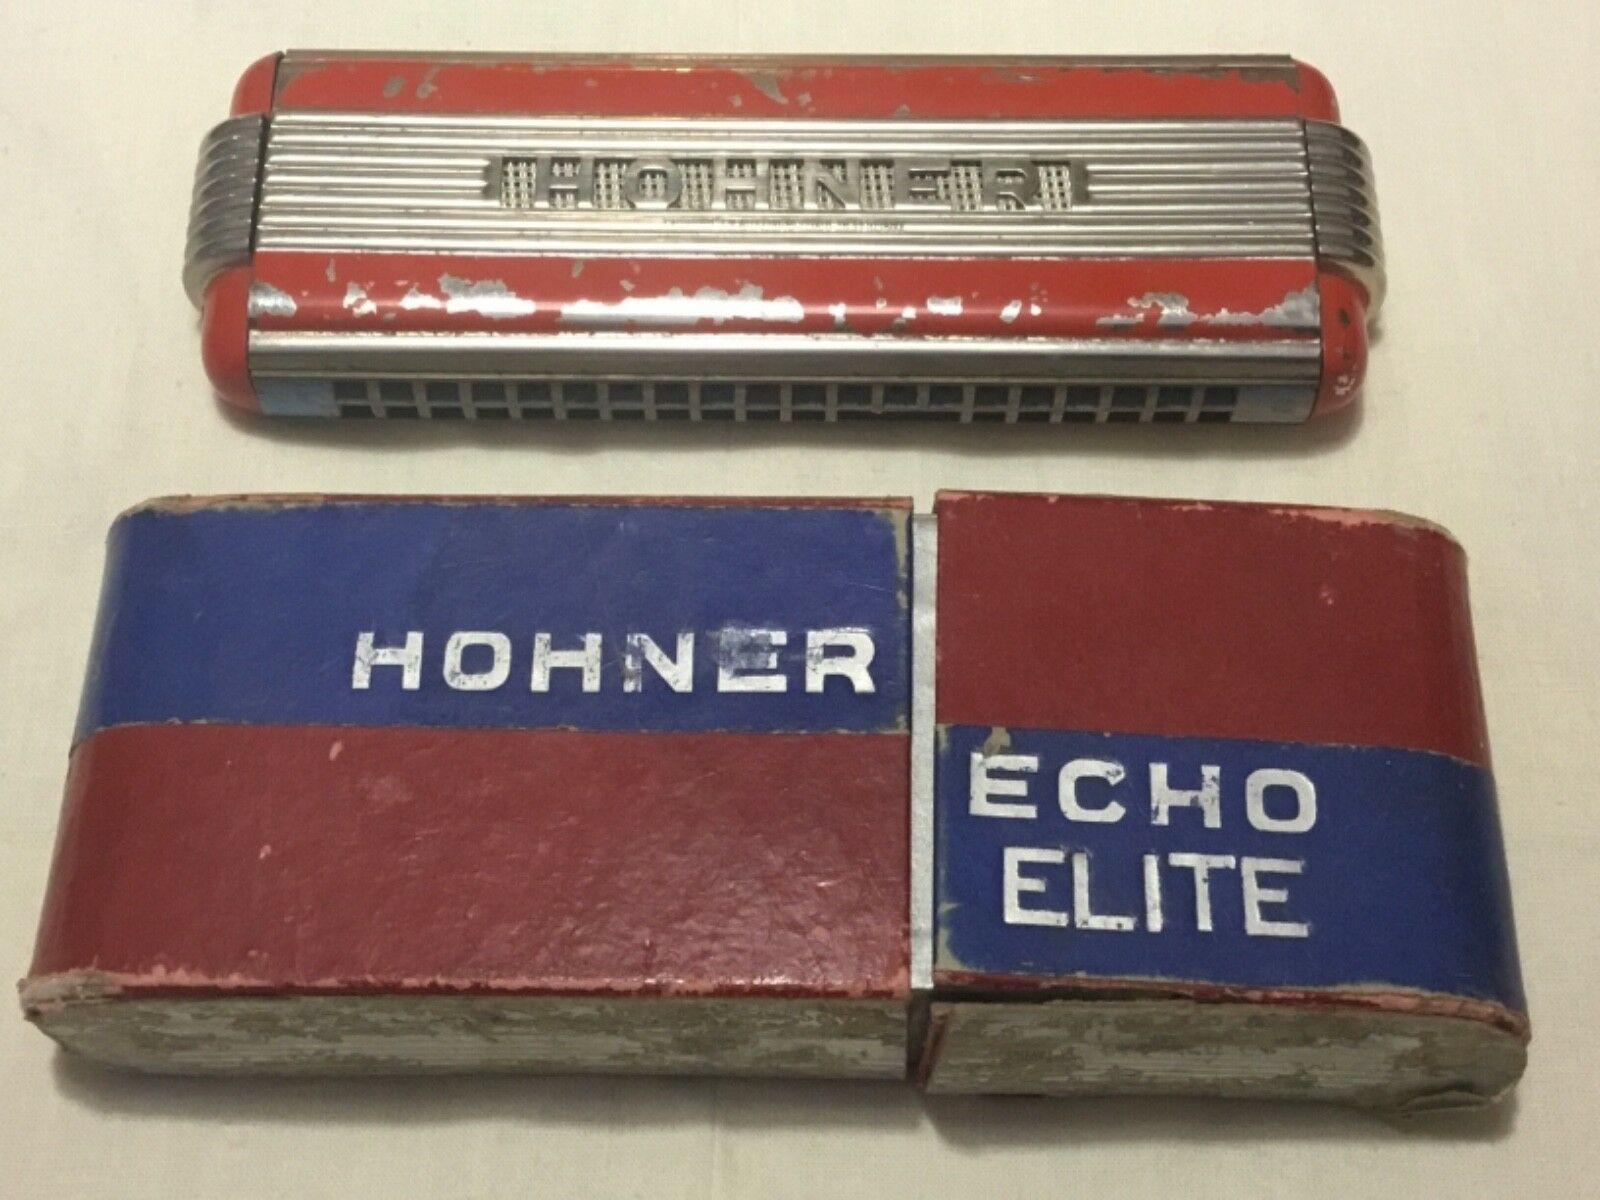 fantastica qualità Harmonica double double double art deco de marque HOHNER ÉCHO ÉLITE, fabriqué en Allemagne  clienti prima reputazione prima